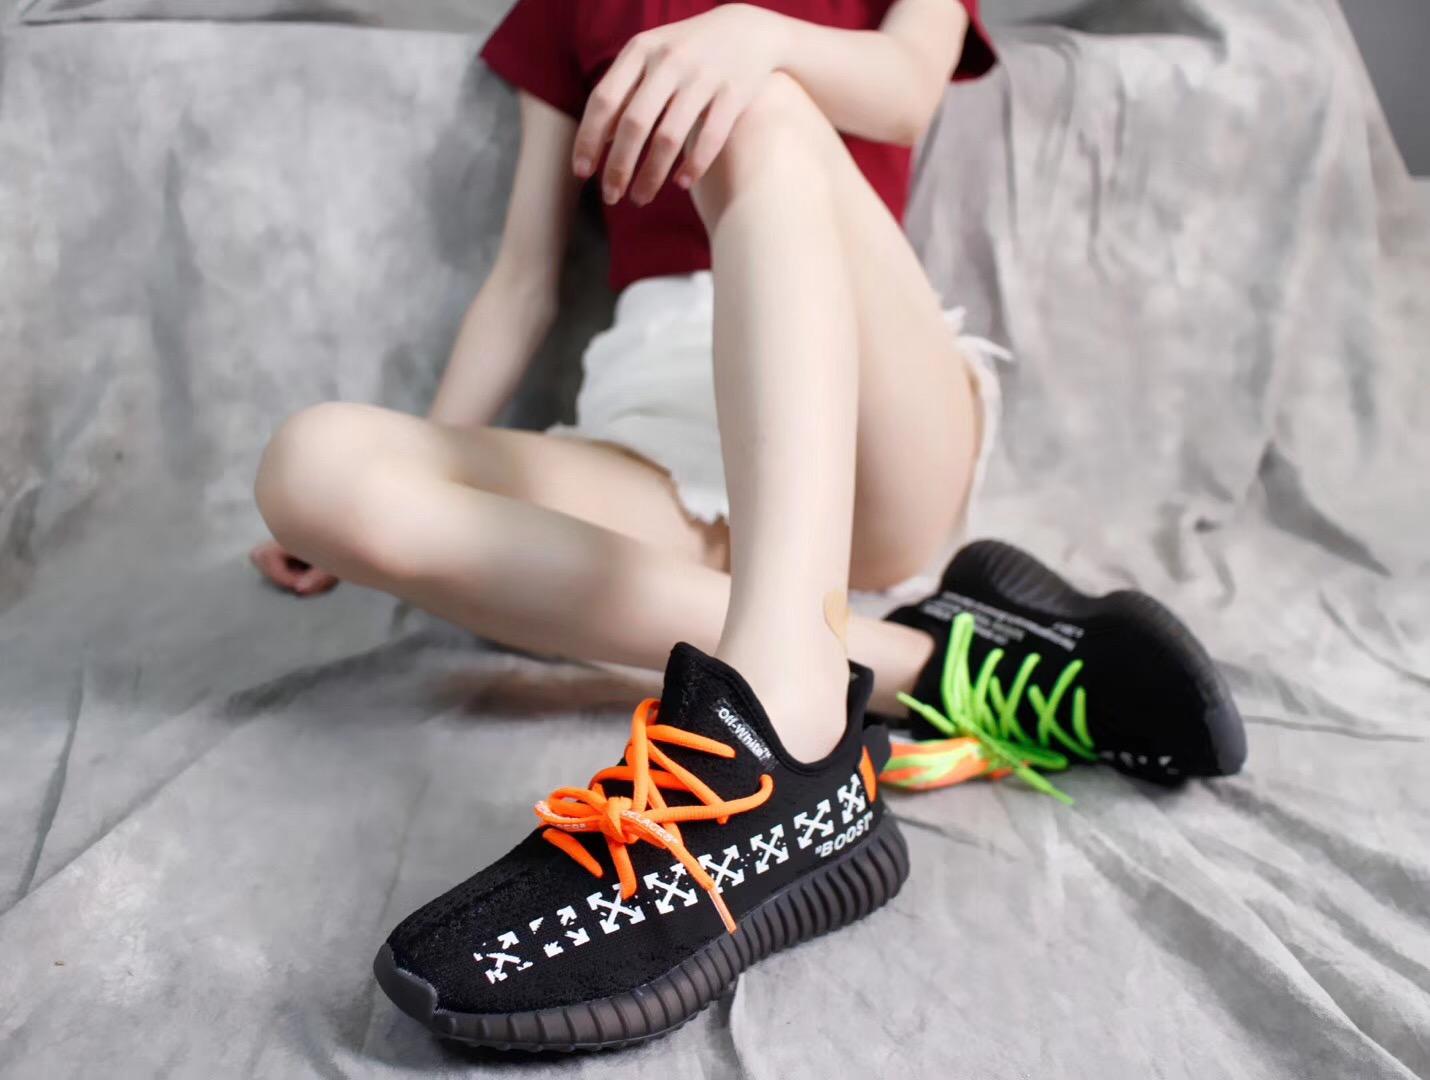 Giày Adidas Yeezy Boots V2 màu đen sọc trắng off-white